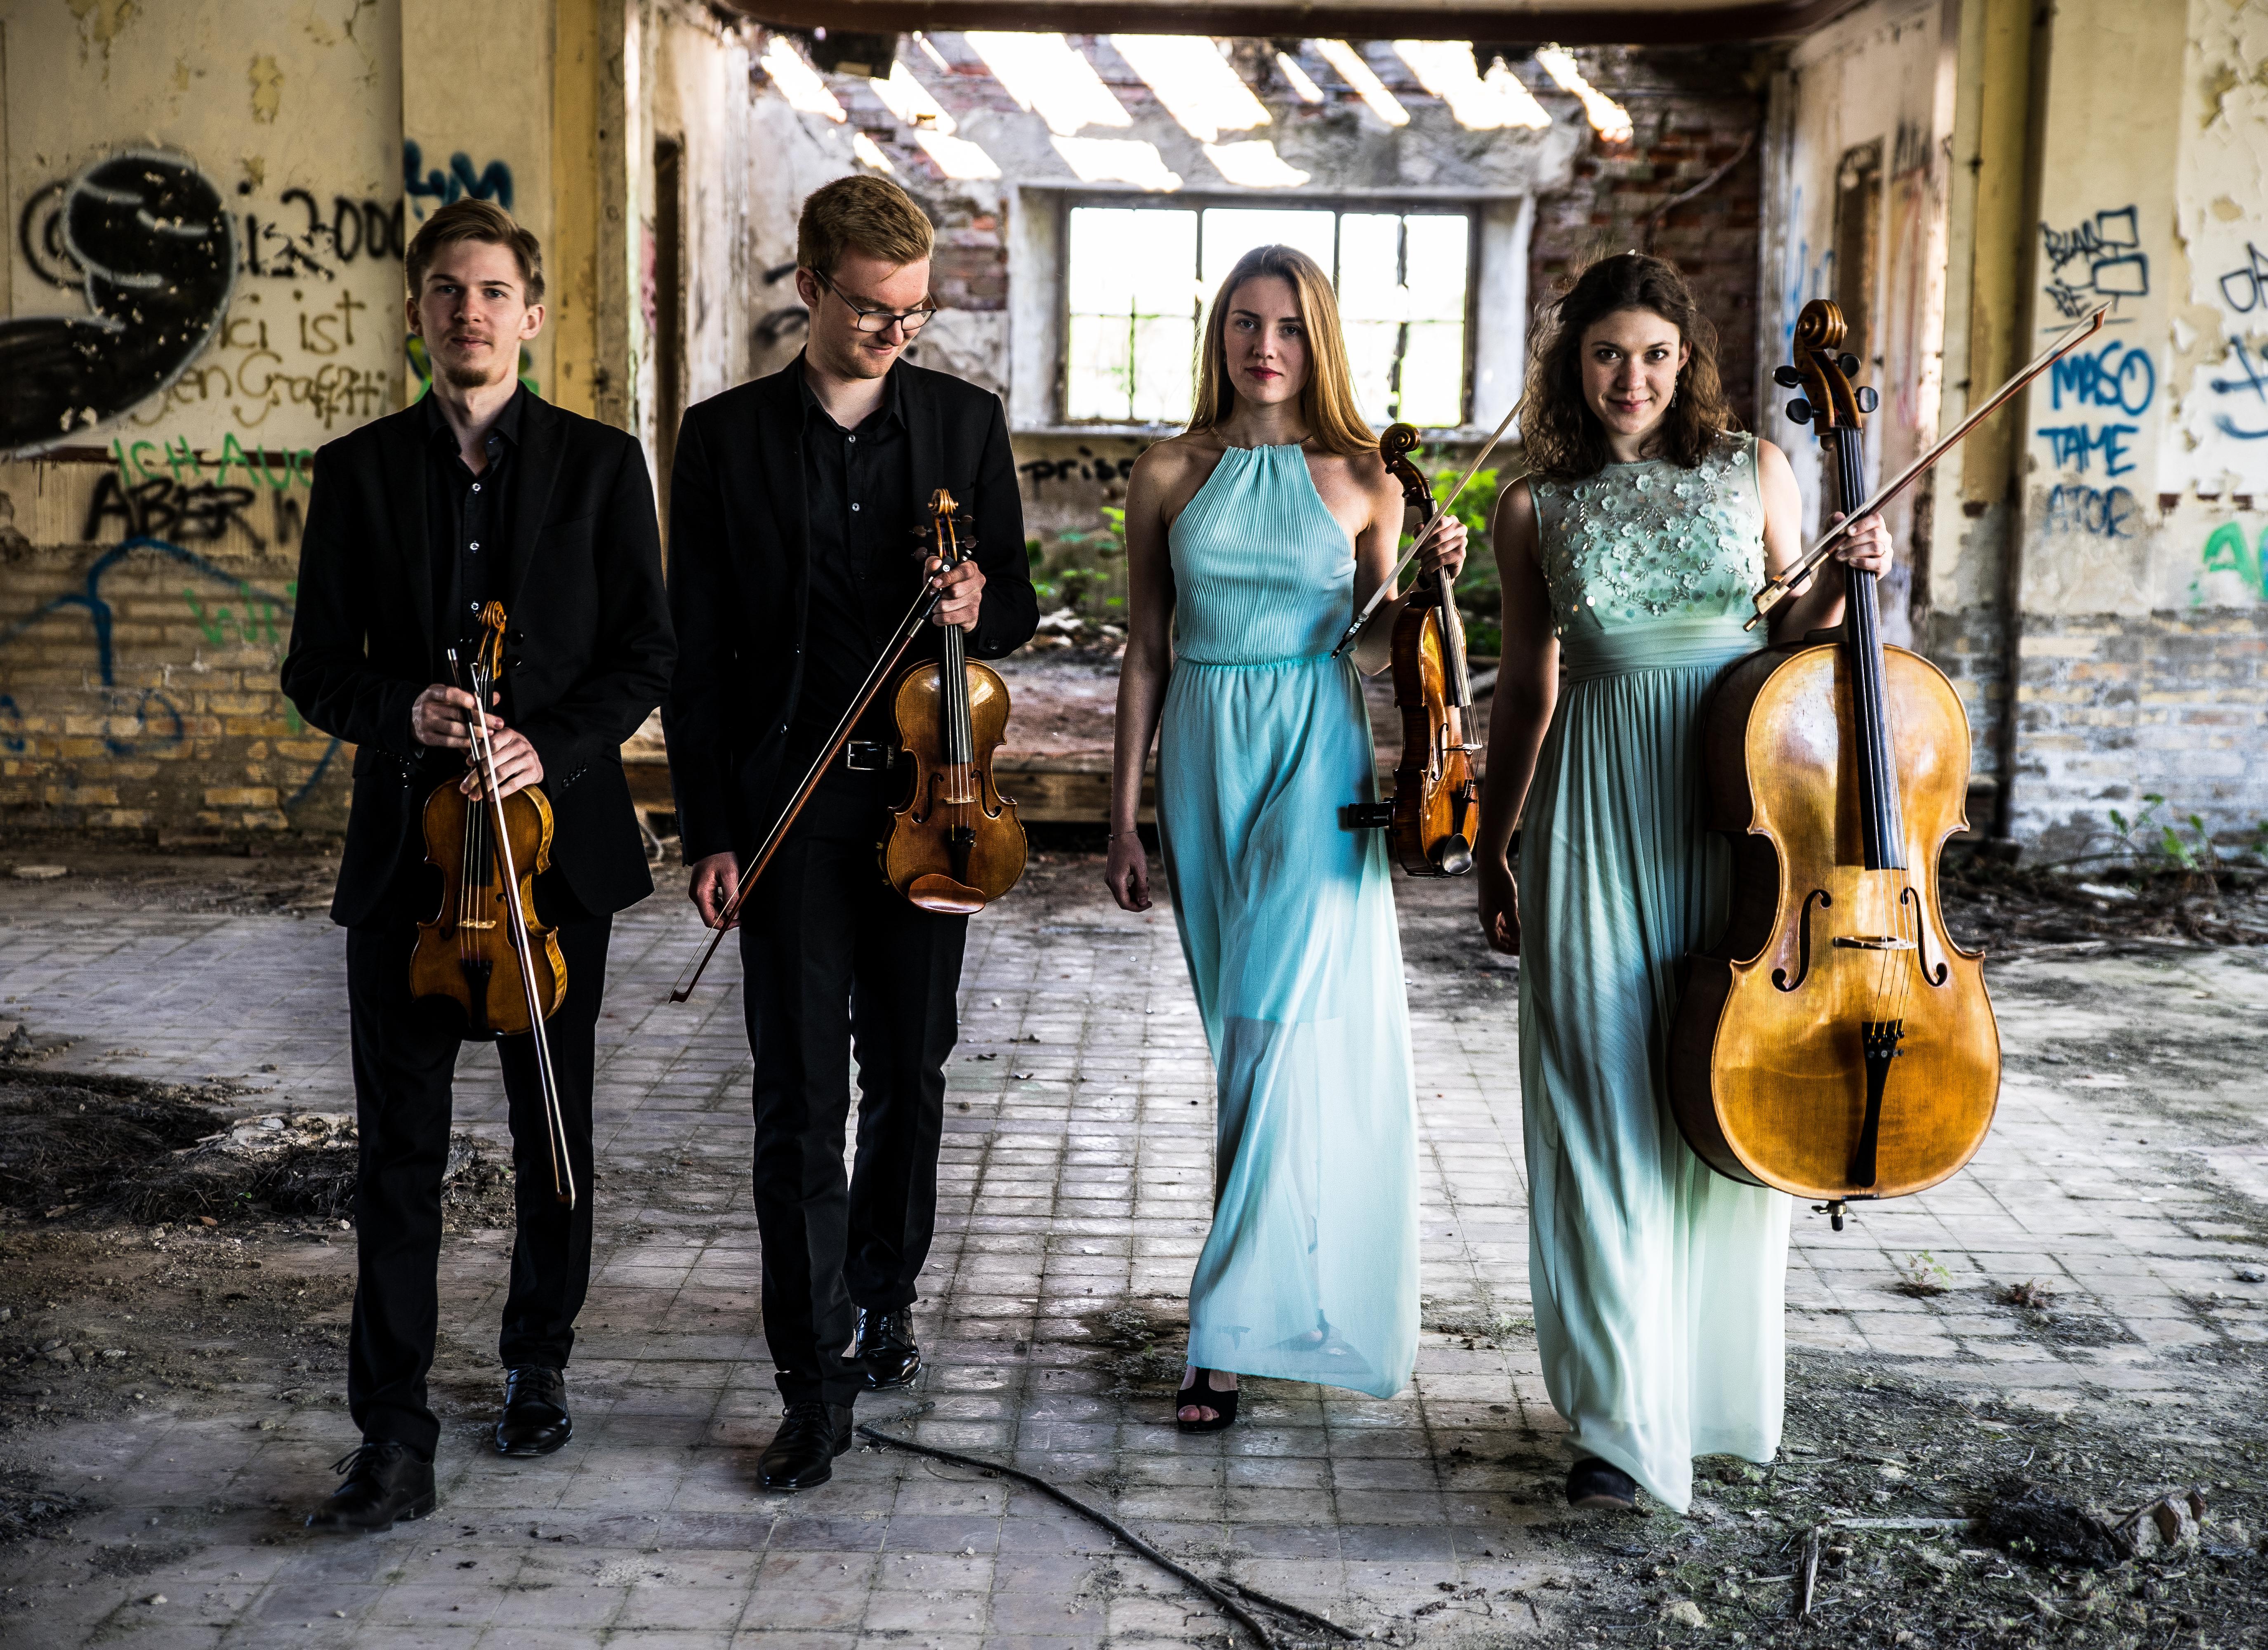 Gyldfeldt Quartett